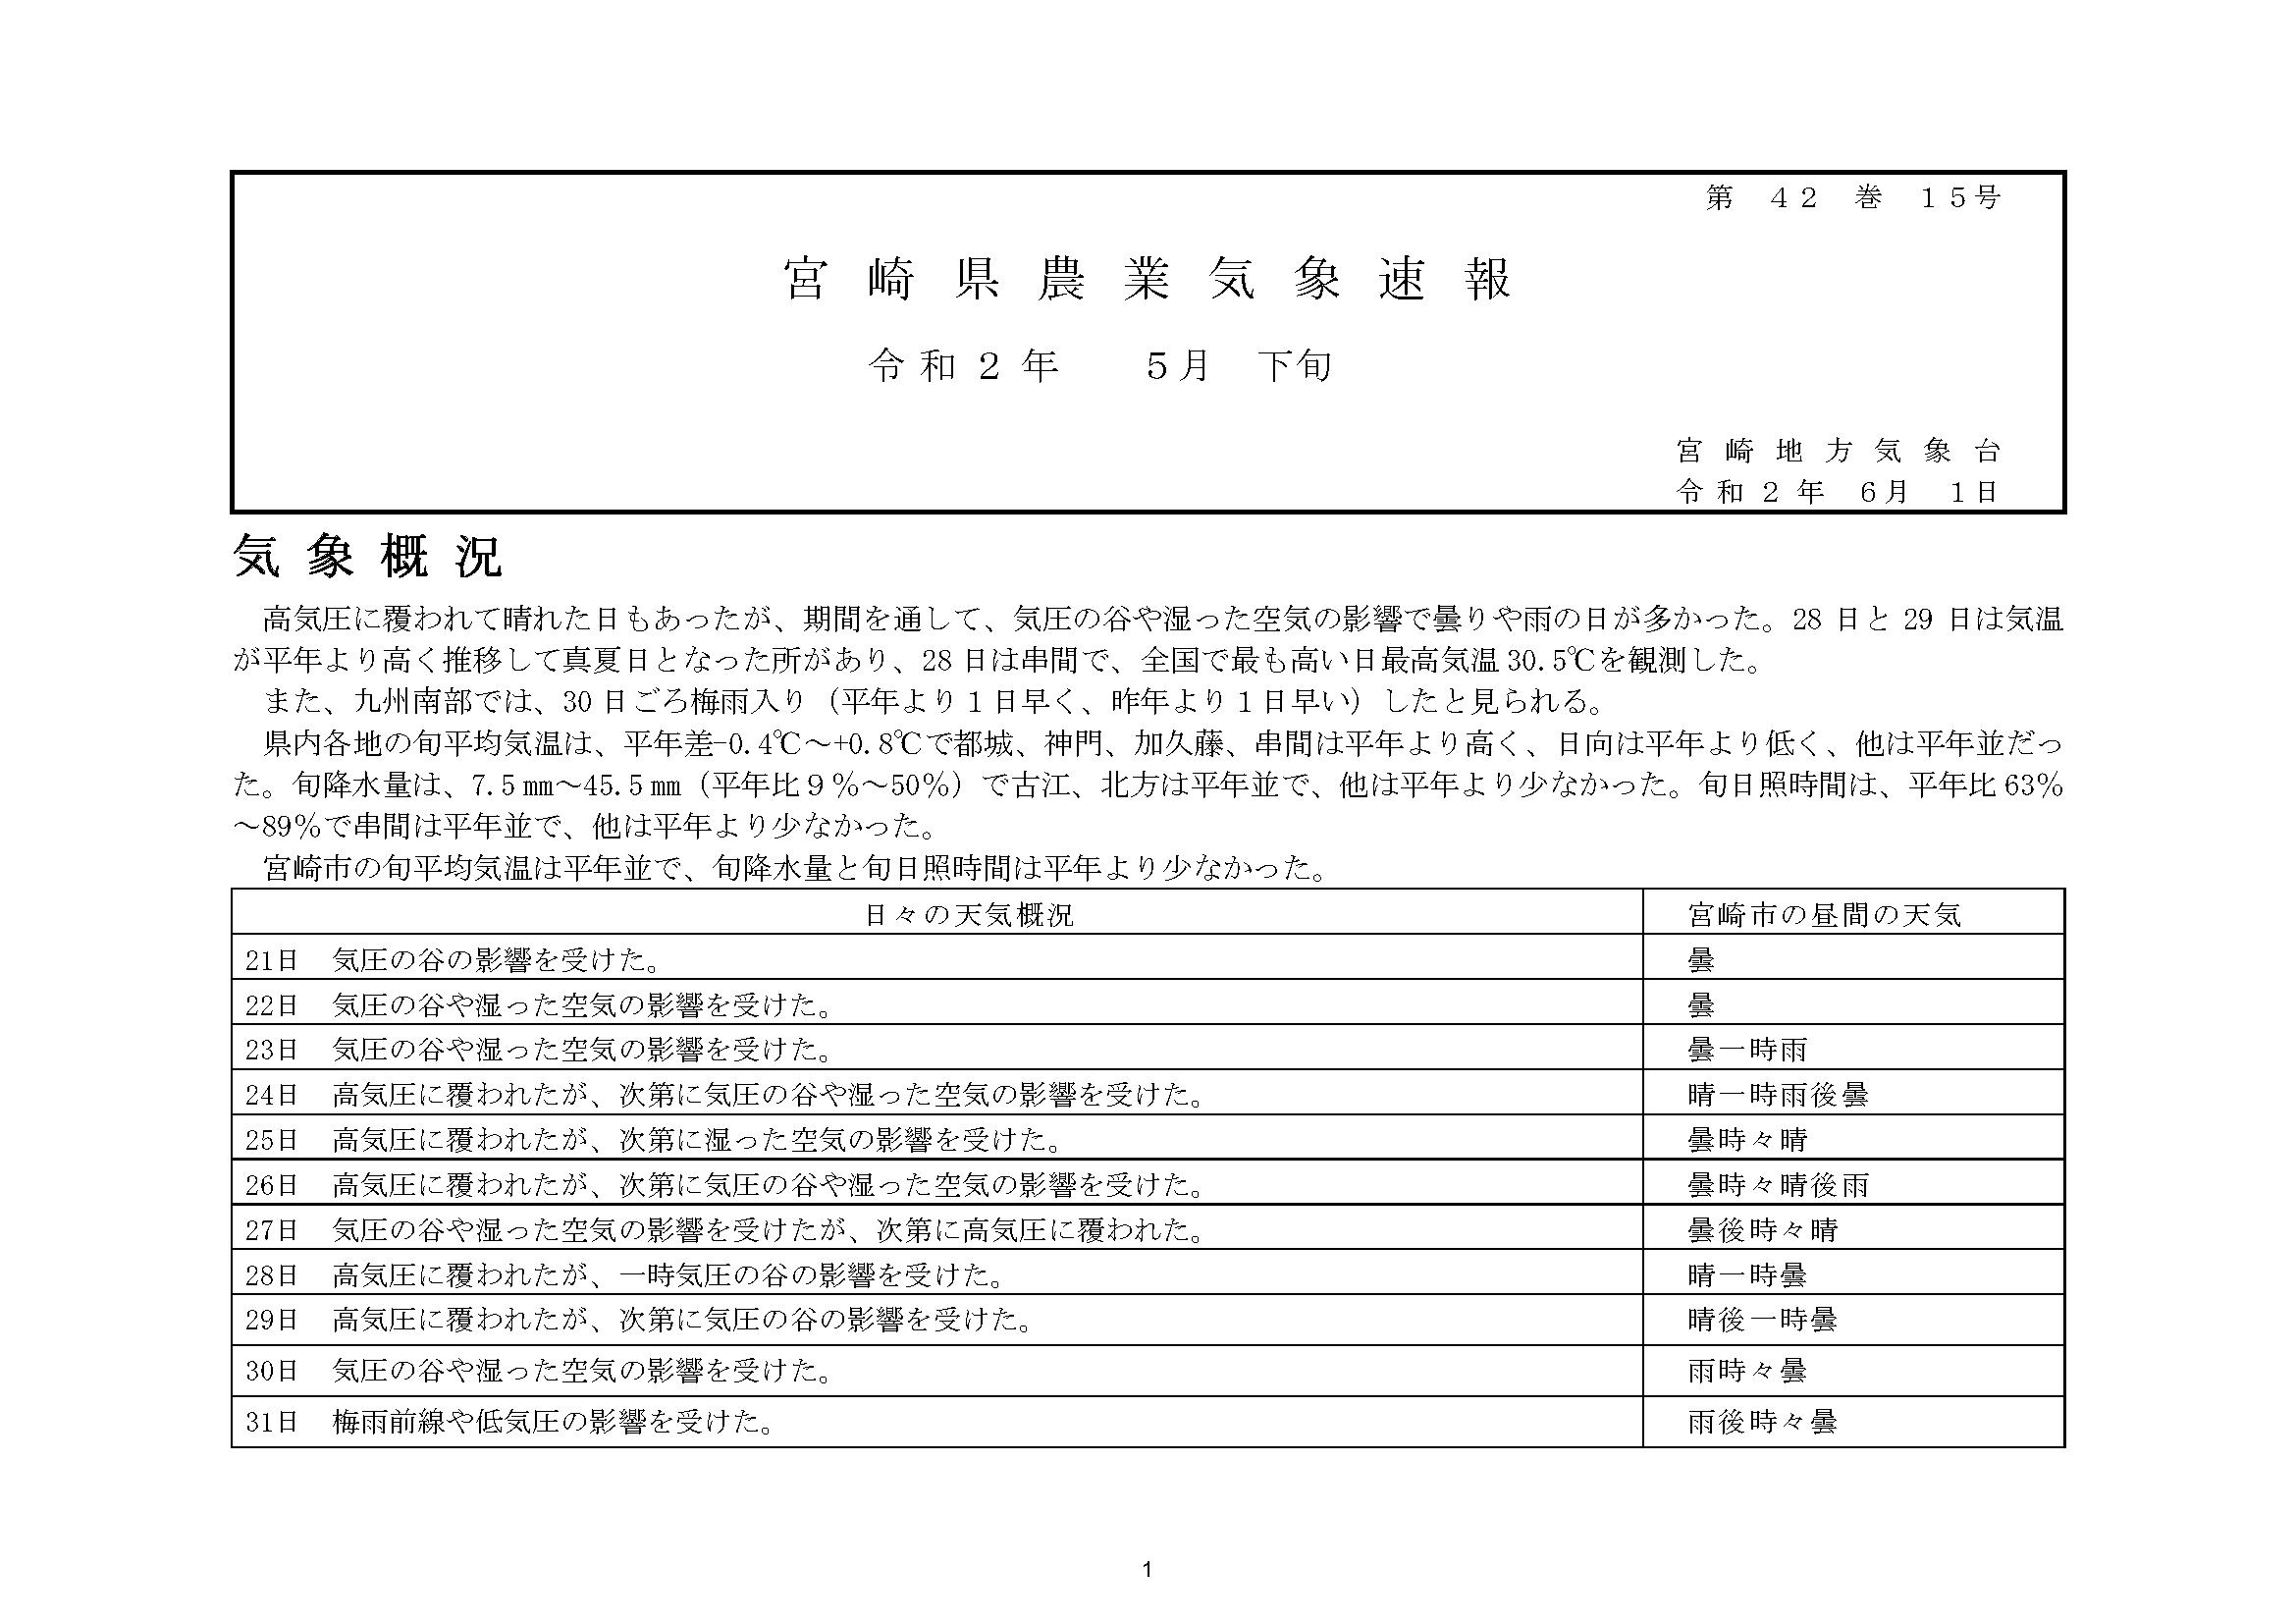 宮崎県農業気象速報令和2年5月下旬PDF